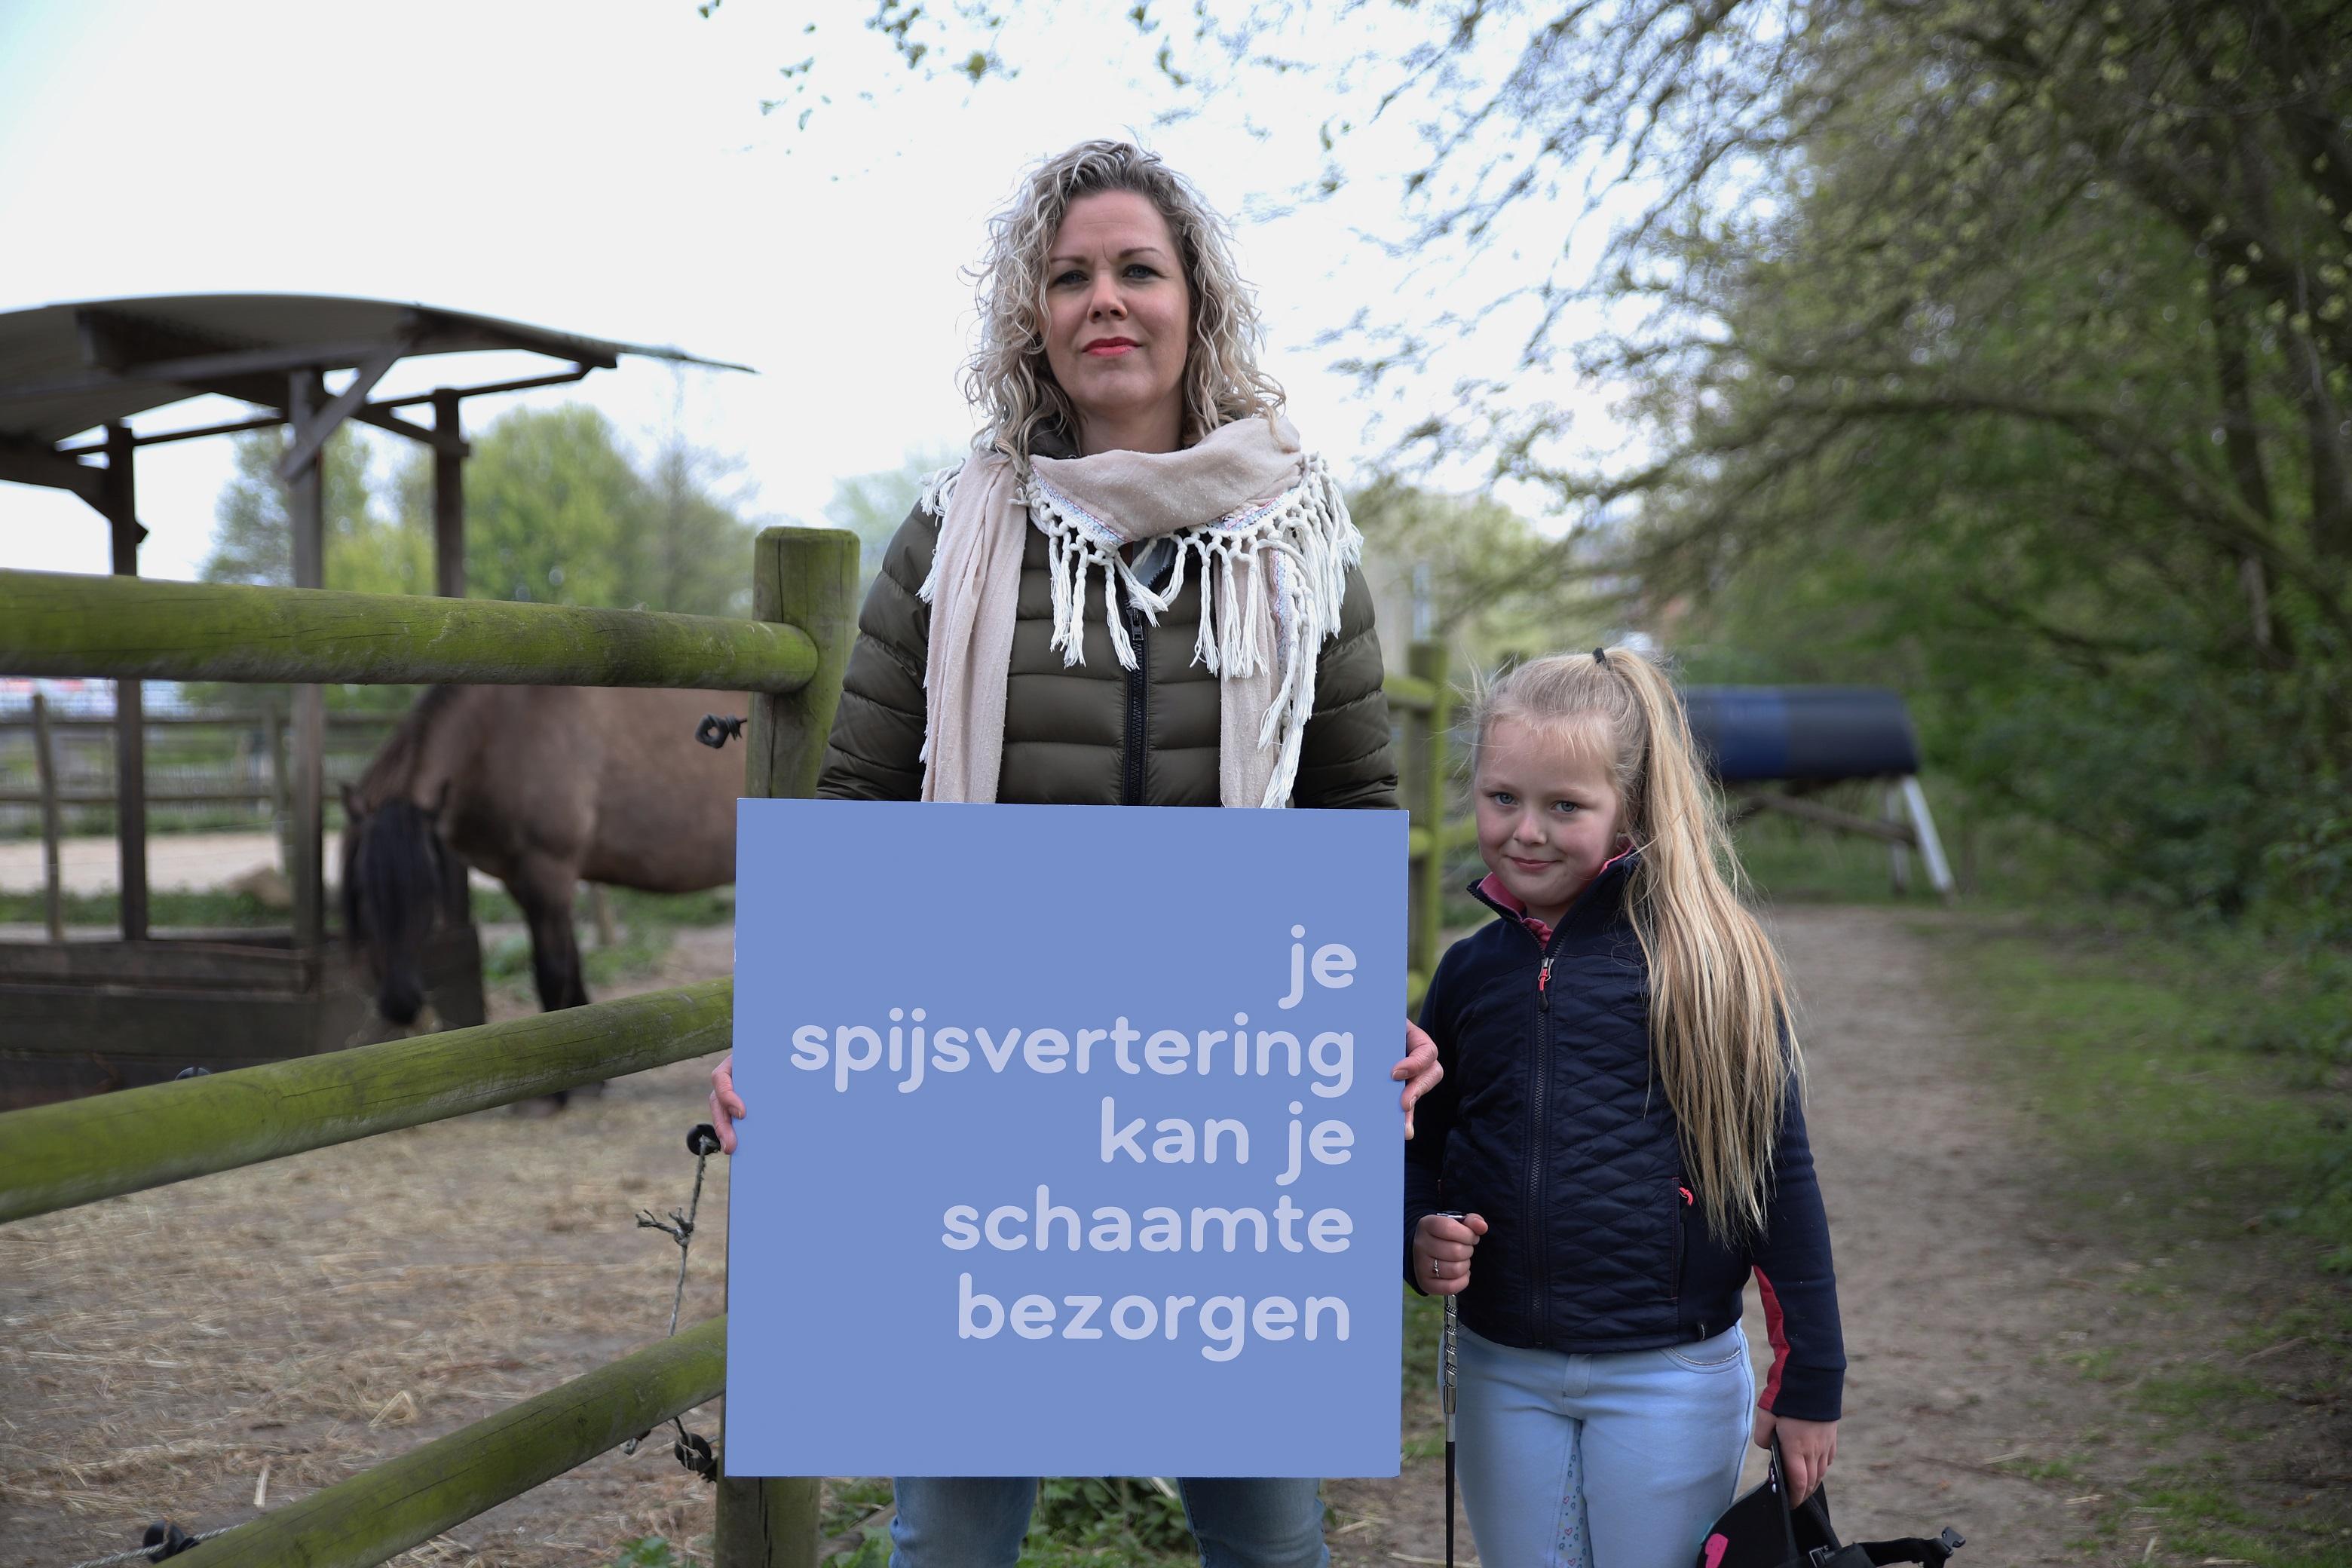 Chantal met dochter en bord 2 verkleind